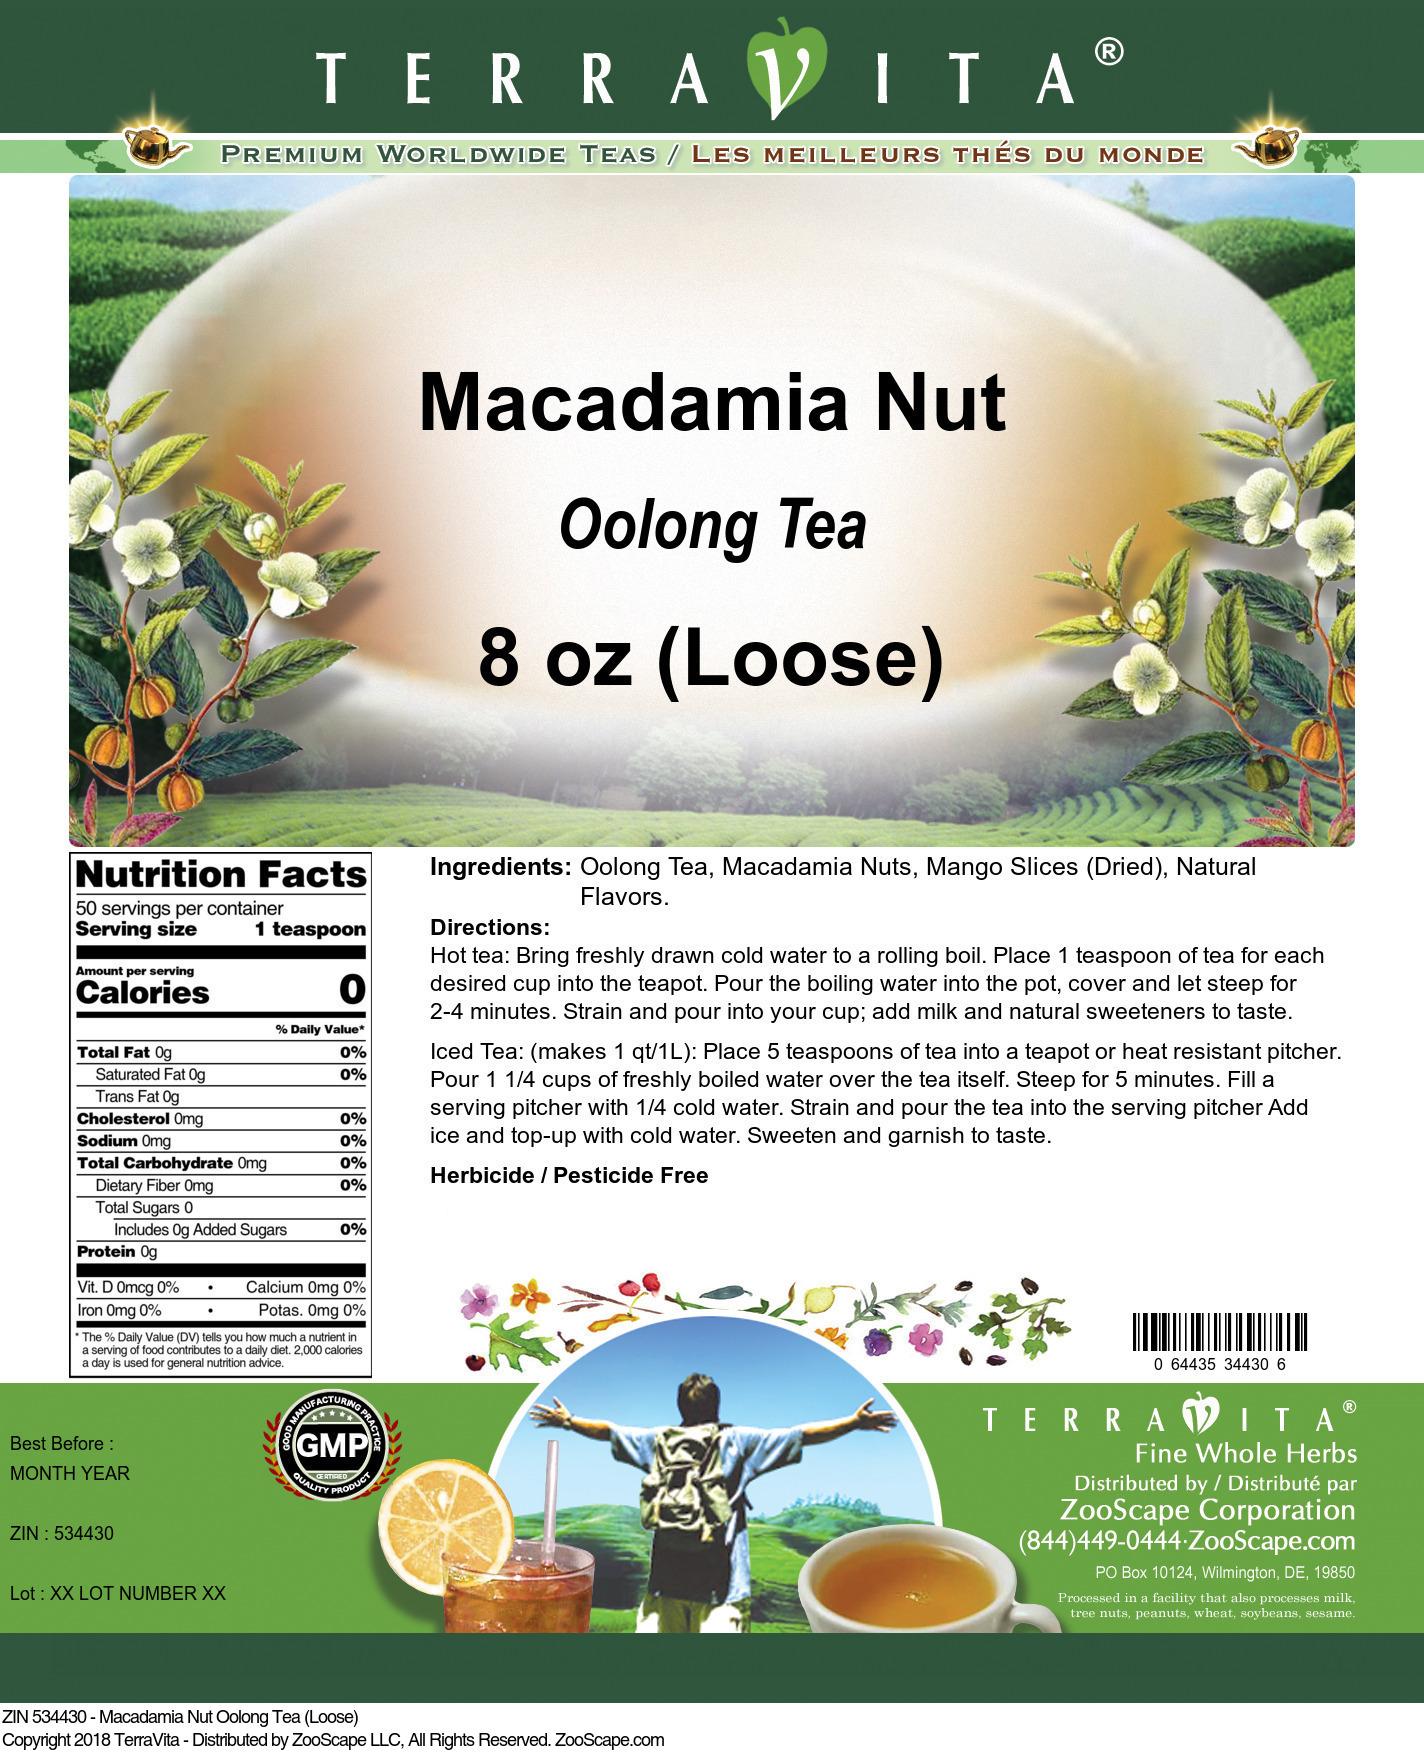 Macadamia Nut Oolong Tea